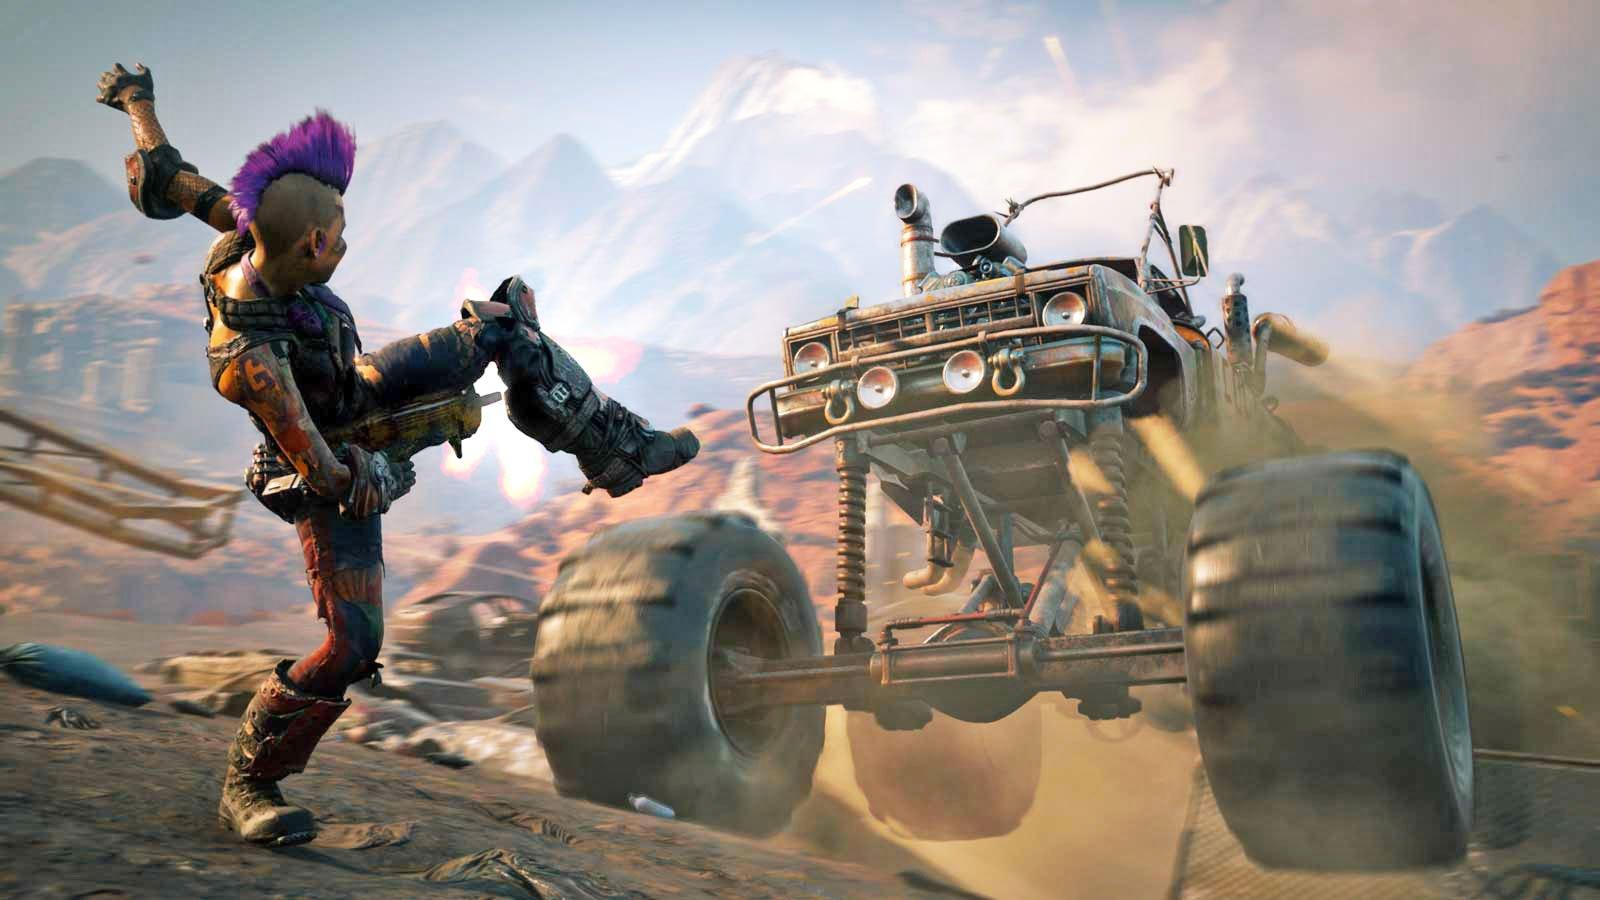 Bethesda présente Rage 2 en avant-première à E3 2018